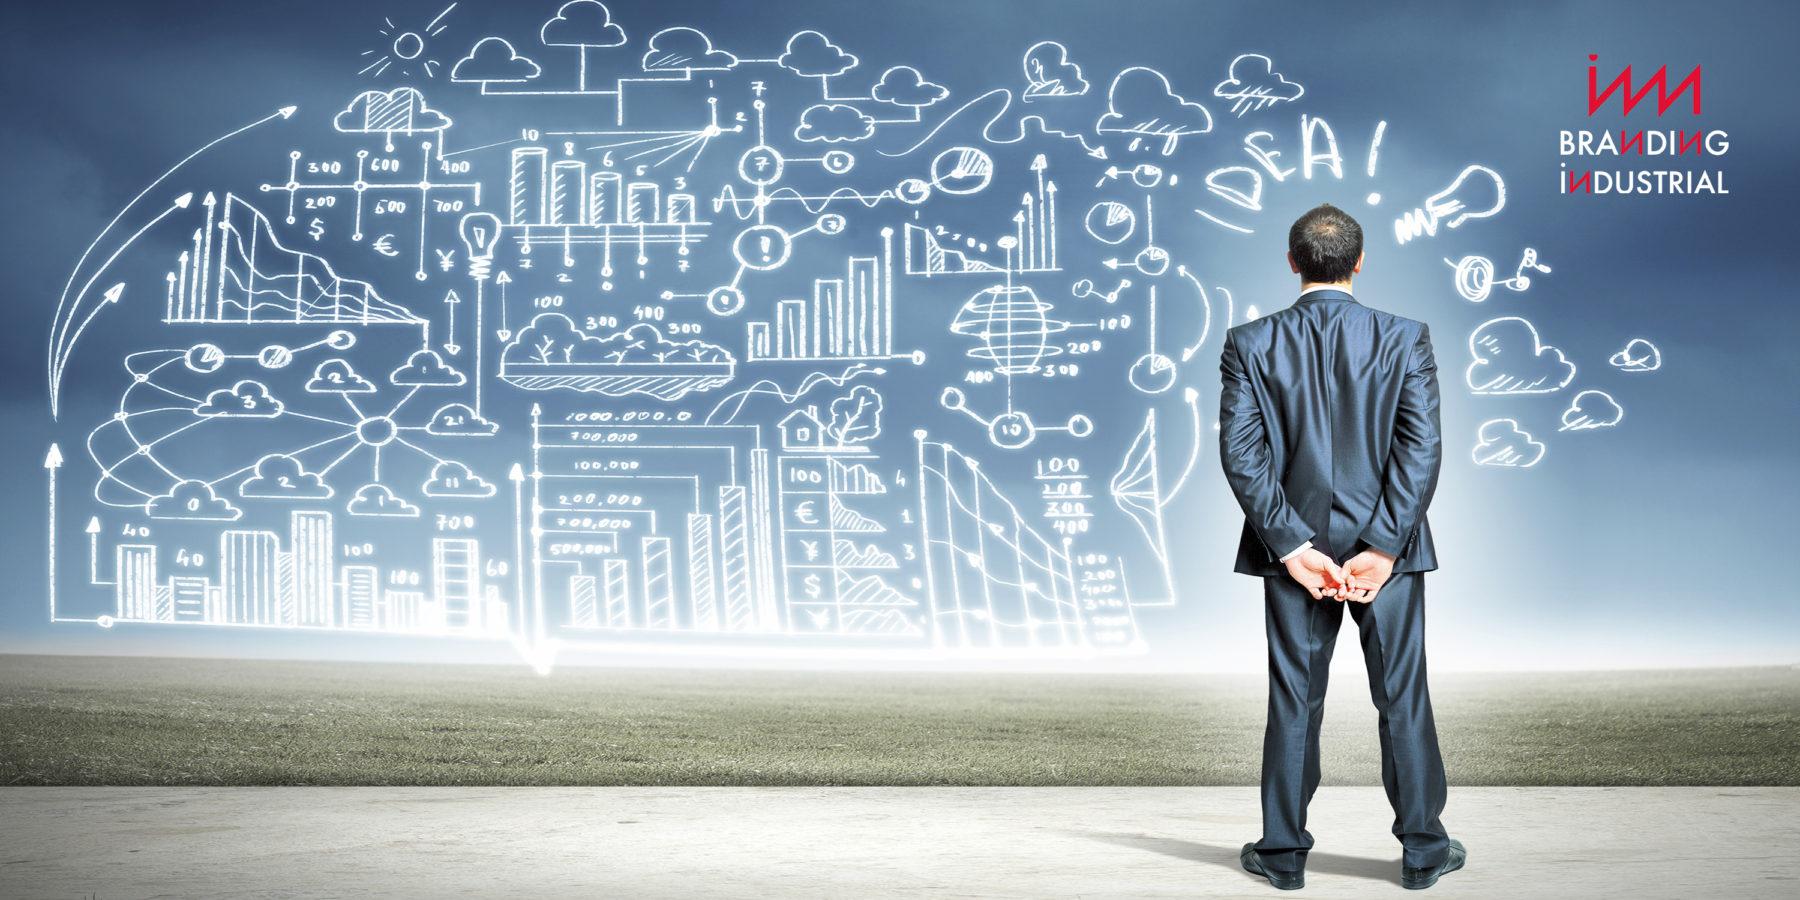 Las empresas industriales también necesitan una estrategia digital